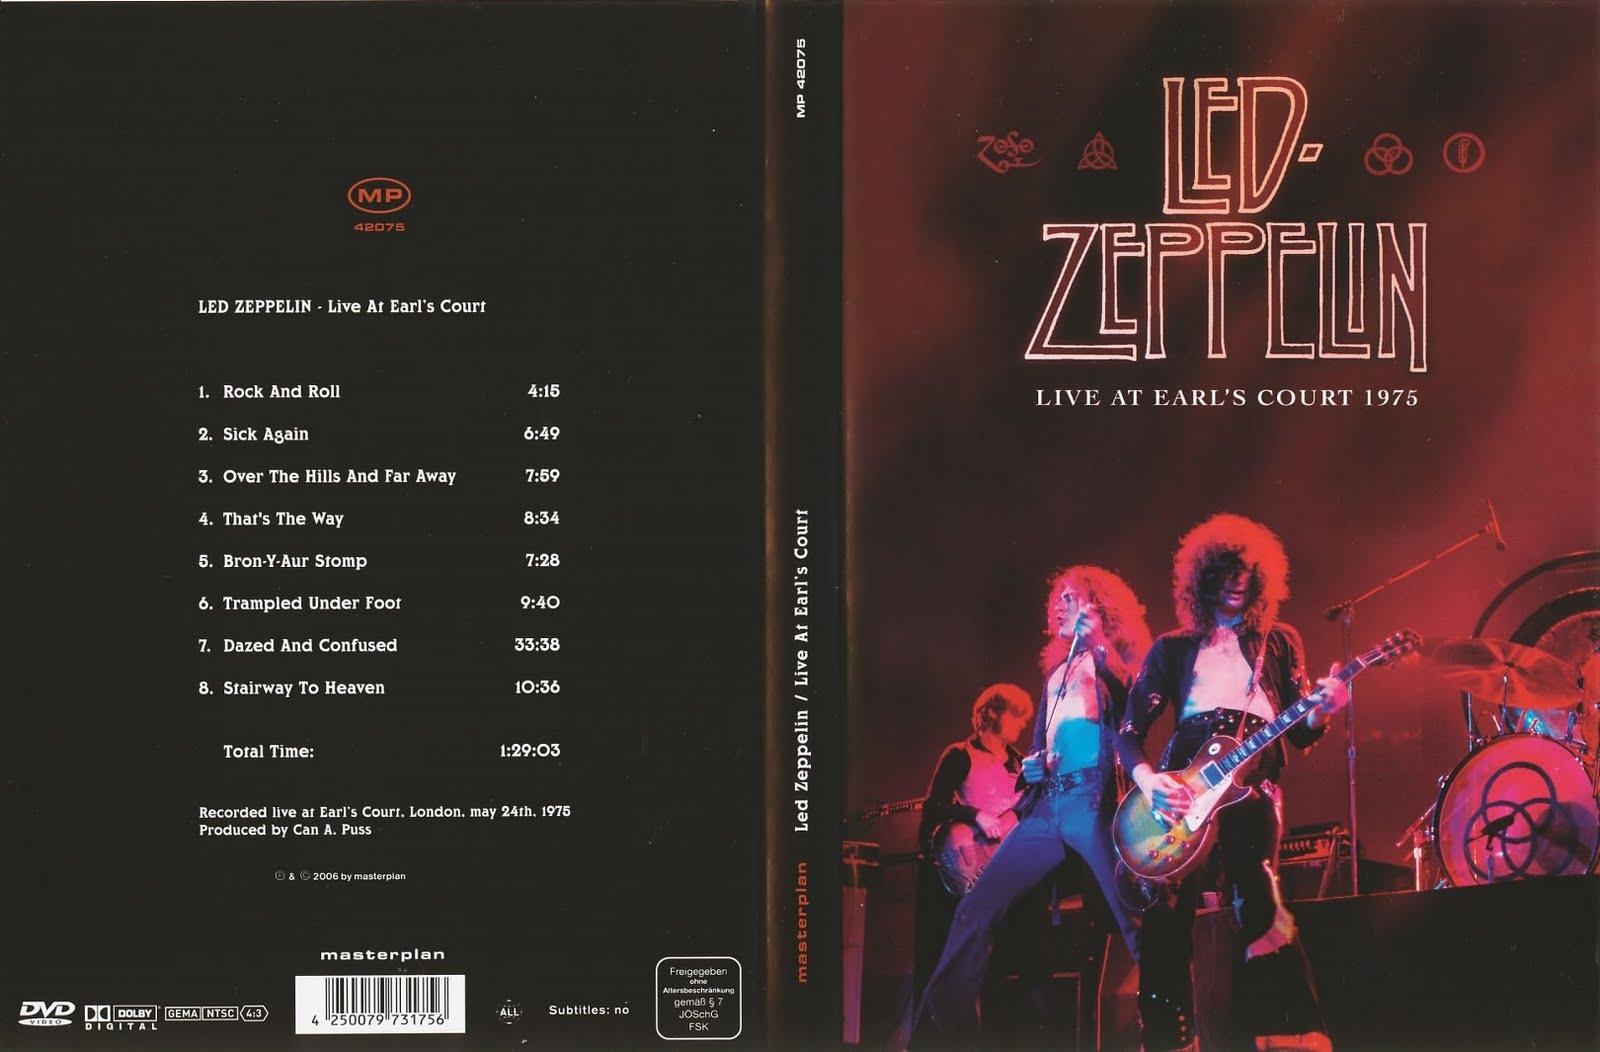 kelaran Raine: Led Zeppelin - Live at Earl's Court (1975 ...